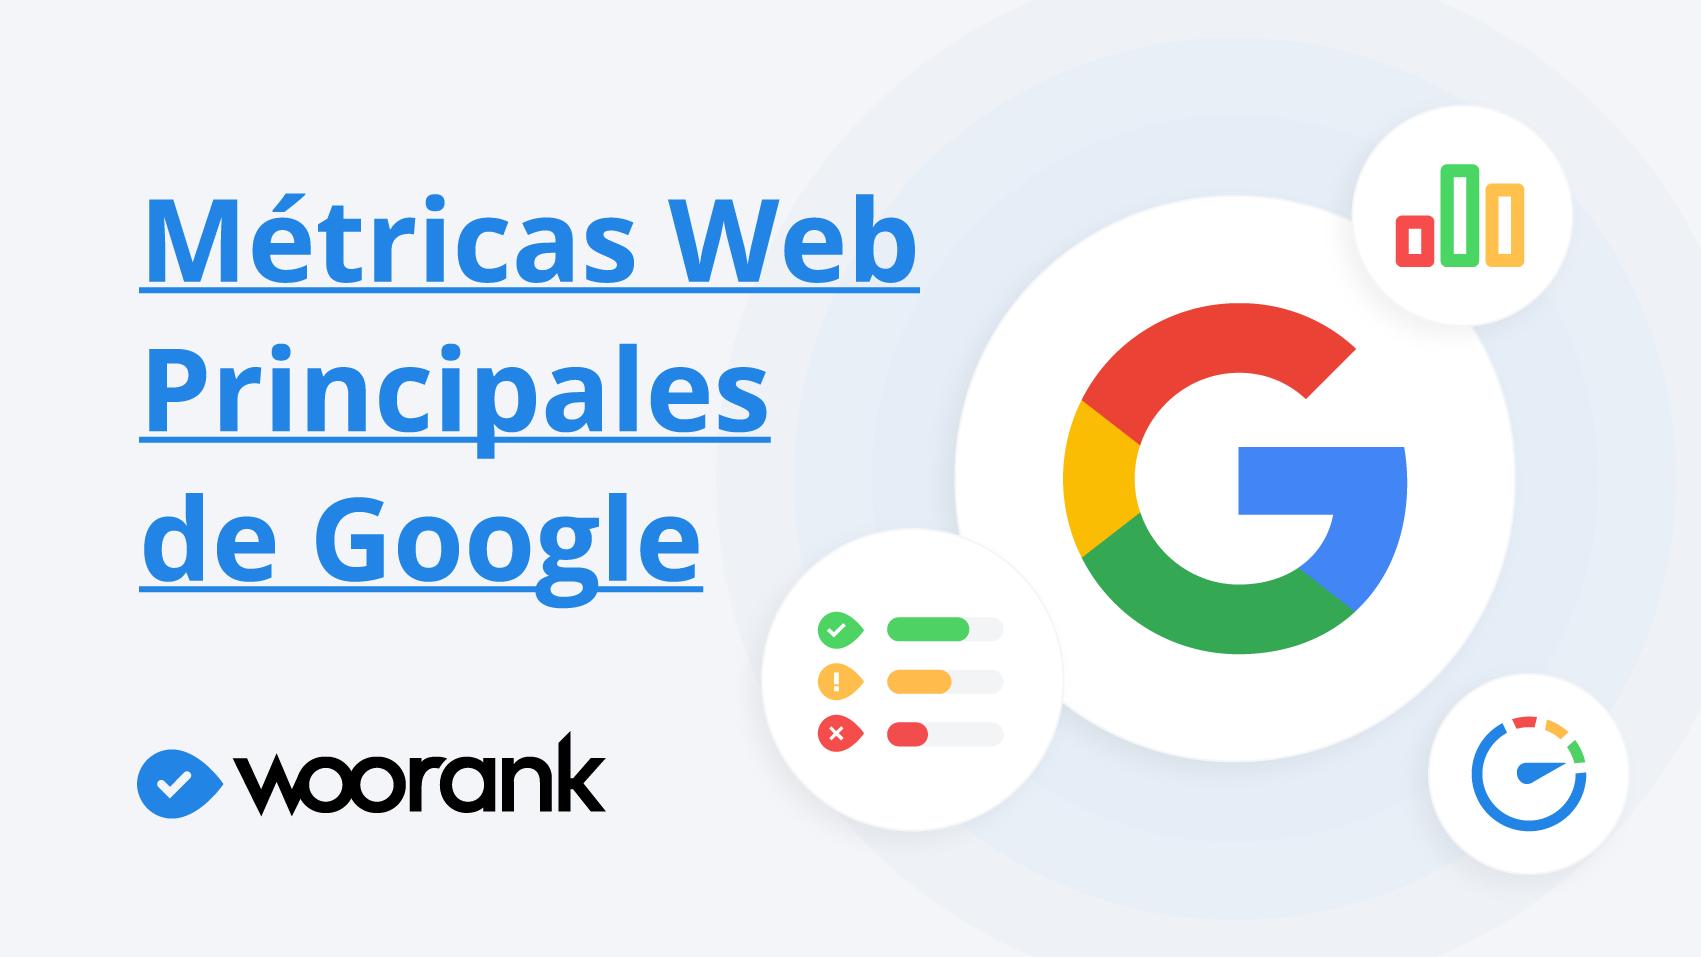 Métricas Web Principales serán una señal de posicionamiento en mayo de 2021